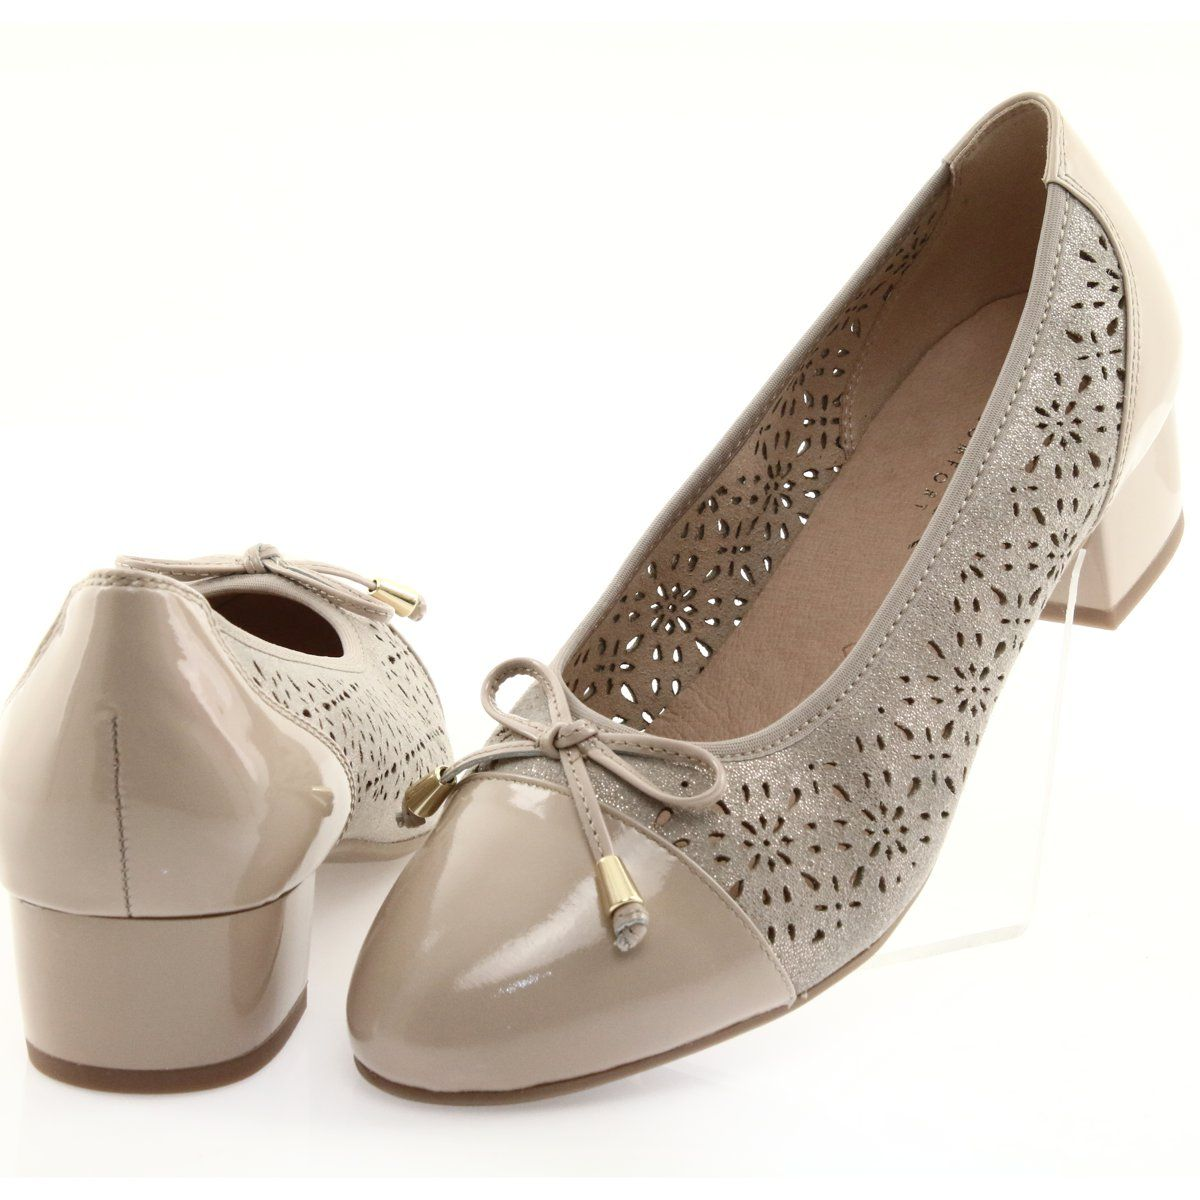 Czolenka Damskie Caprice 22501 Bez Bez Zloty Bezowy Women Shoes Beautiful Pumps Pumps